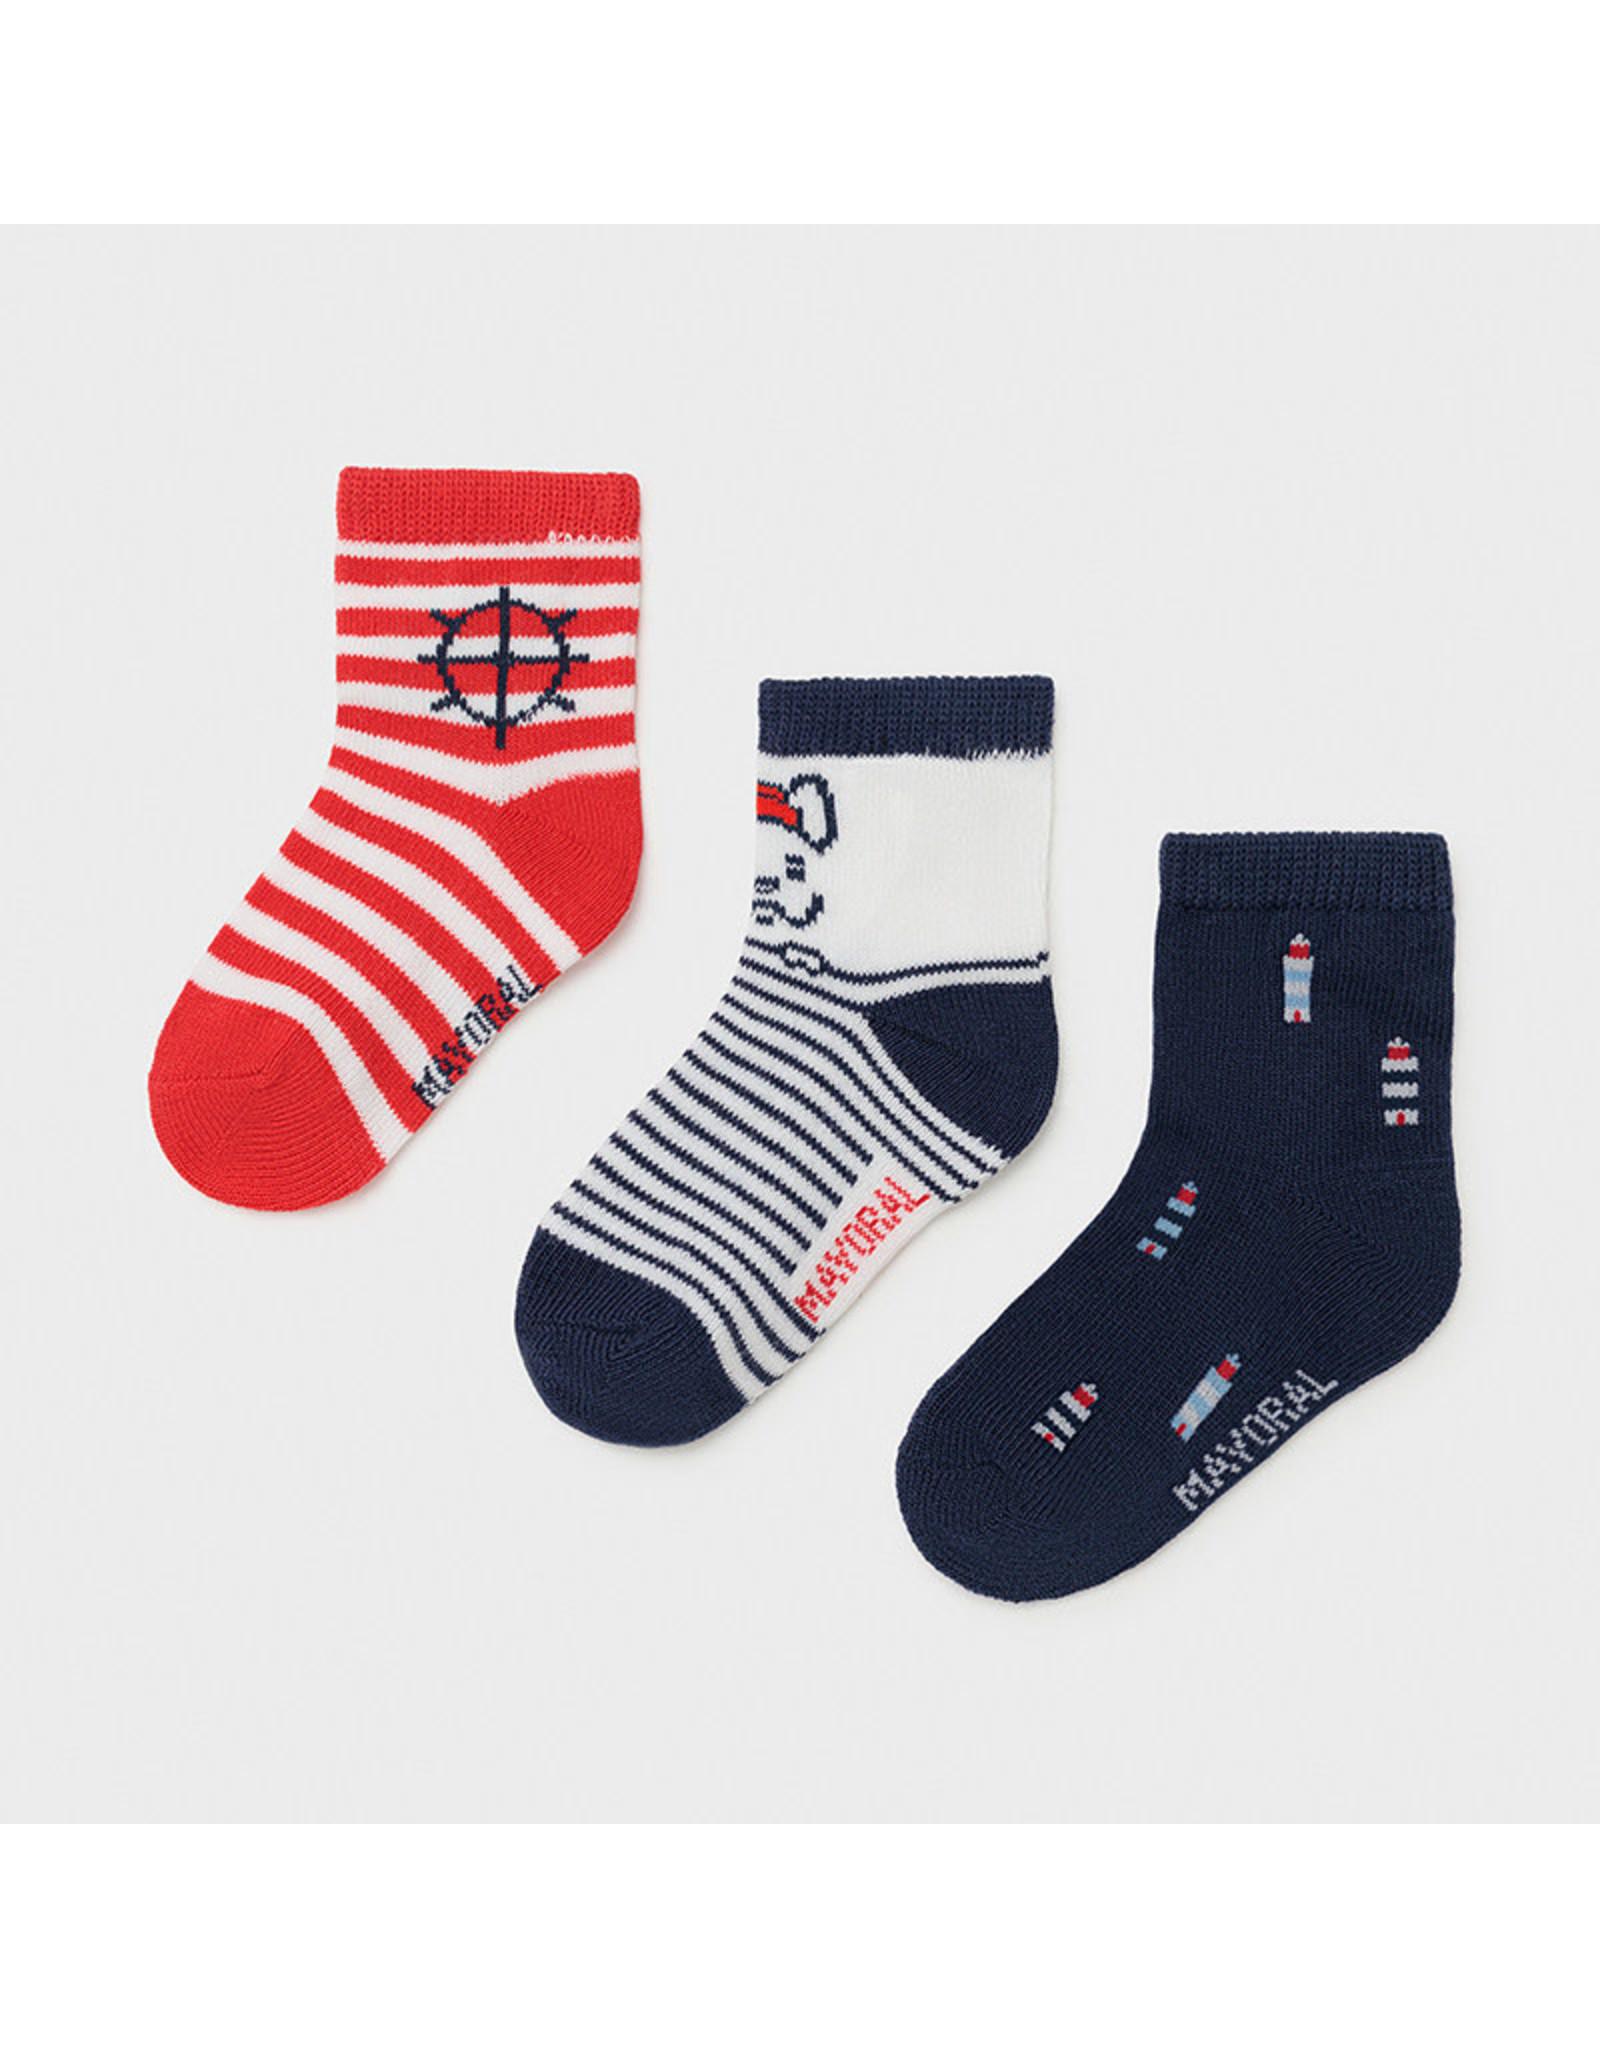 Mayoral 3 socks set - Red